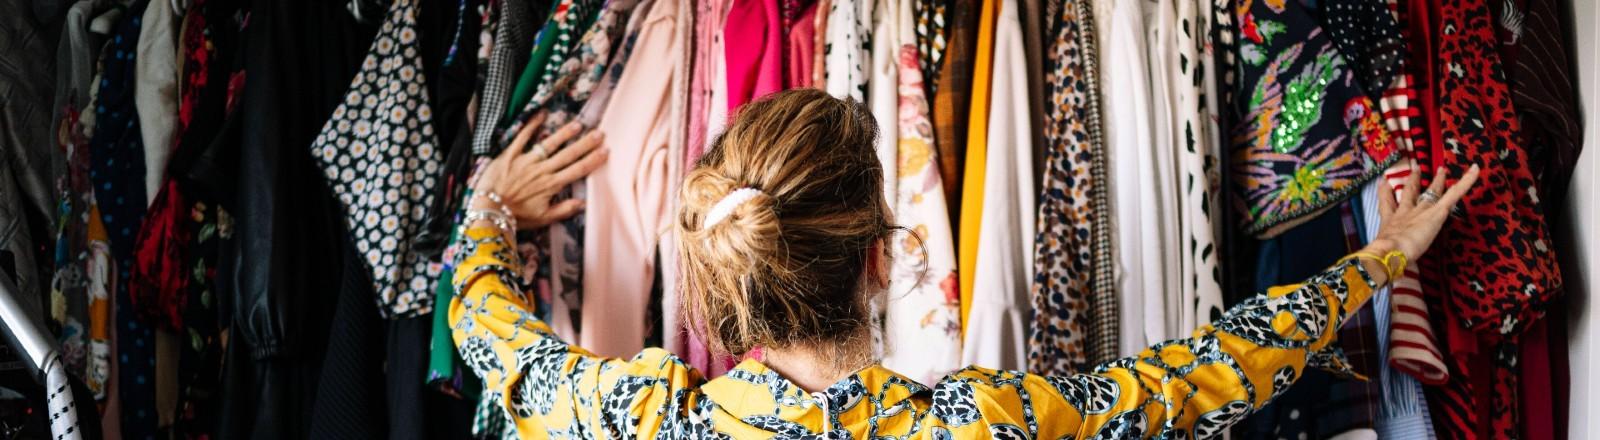 Frau steht vor einem vollen Kleiderschrank.